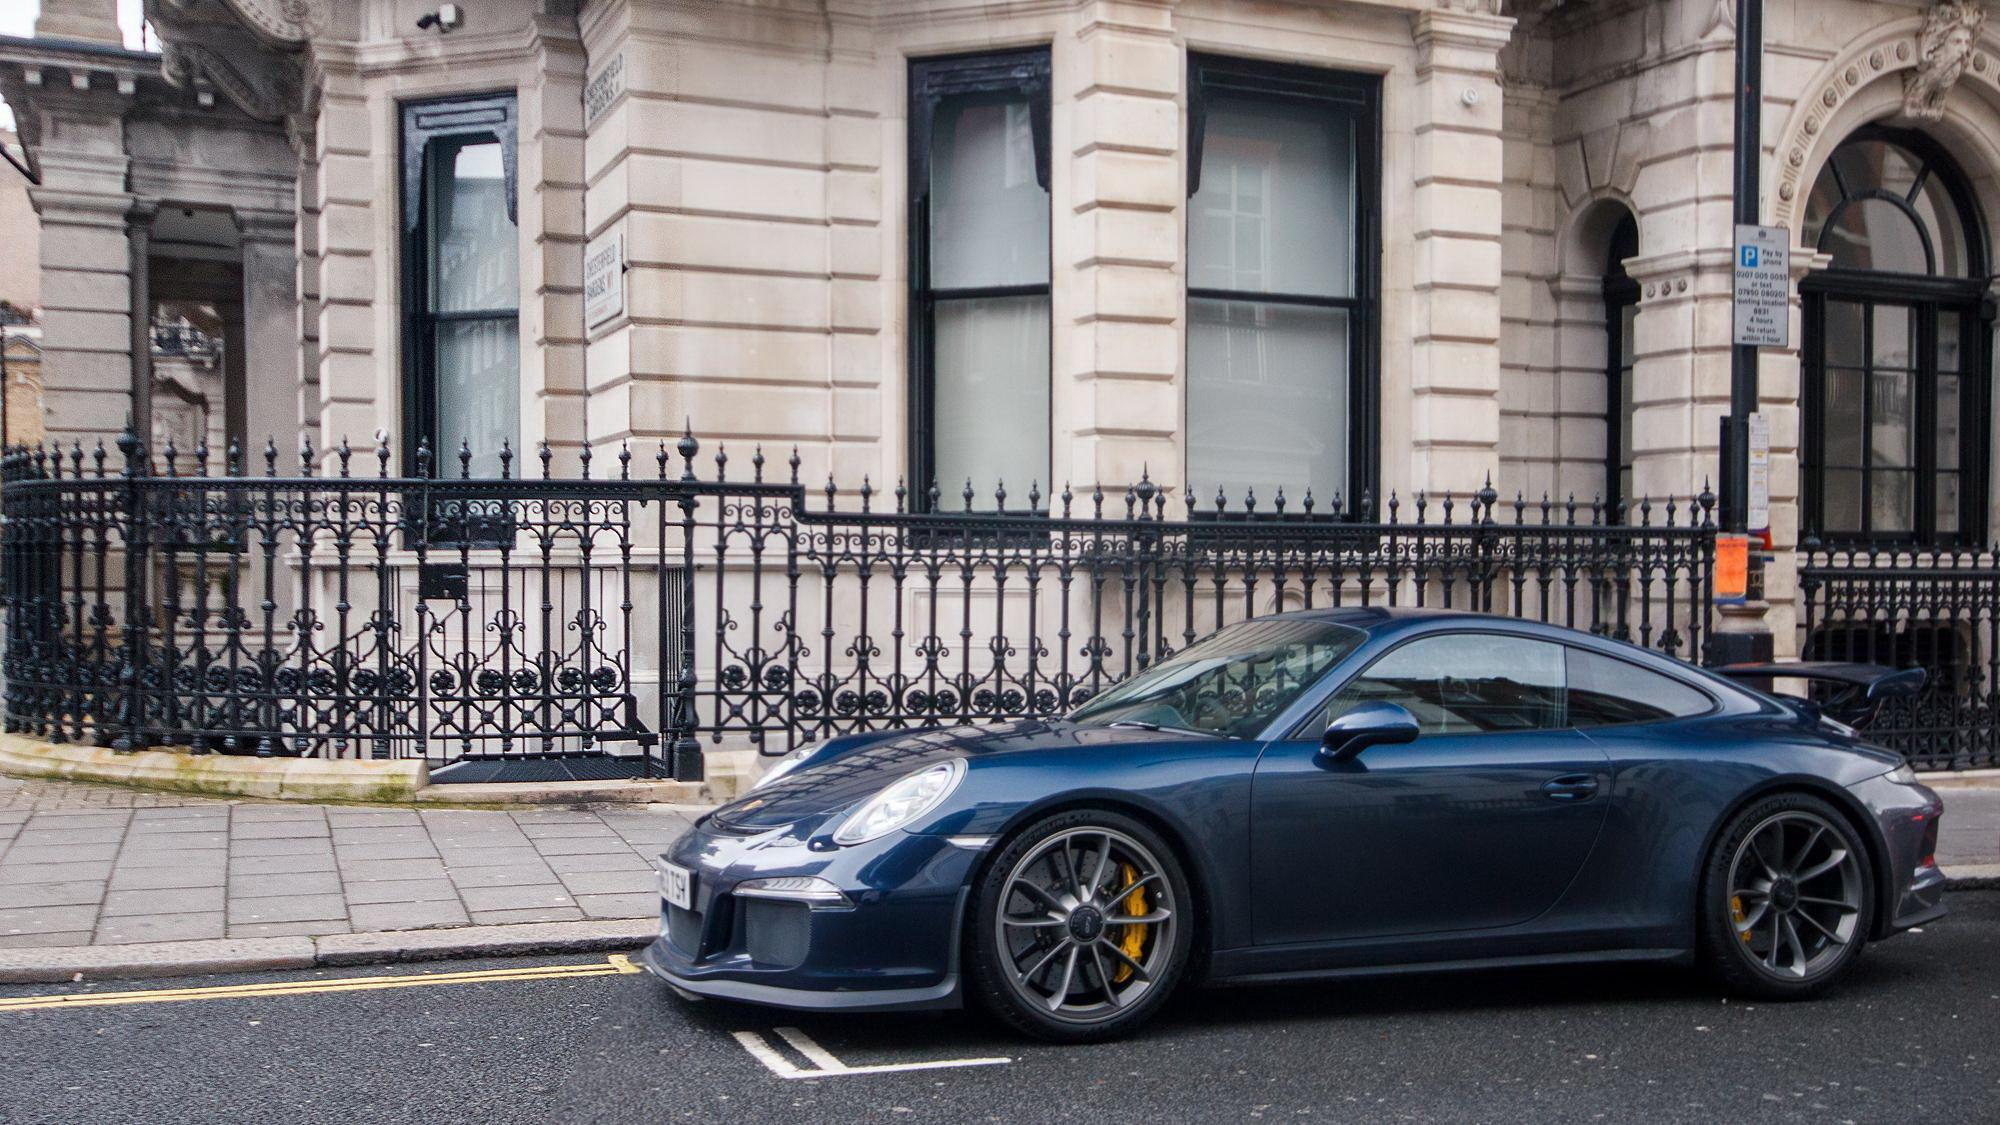 79726 Hintergrundbild herunterladen Porsche, London, Cars, Supersportwagen, Gt3, 991 - Bildschirmschoner und Bilder kostenlos